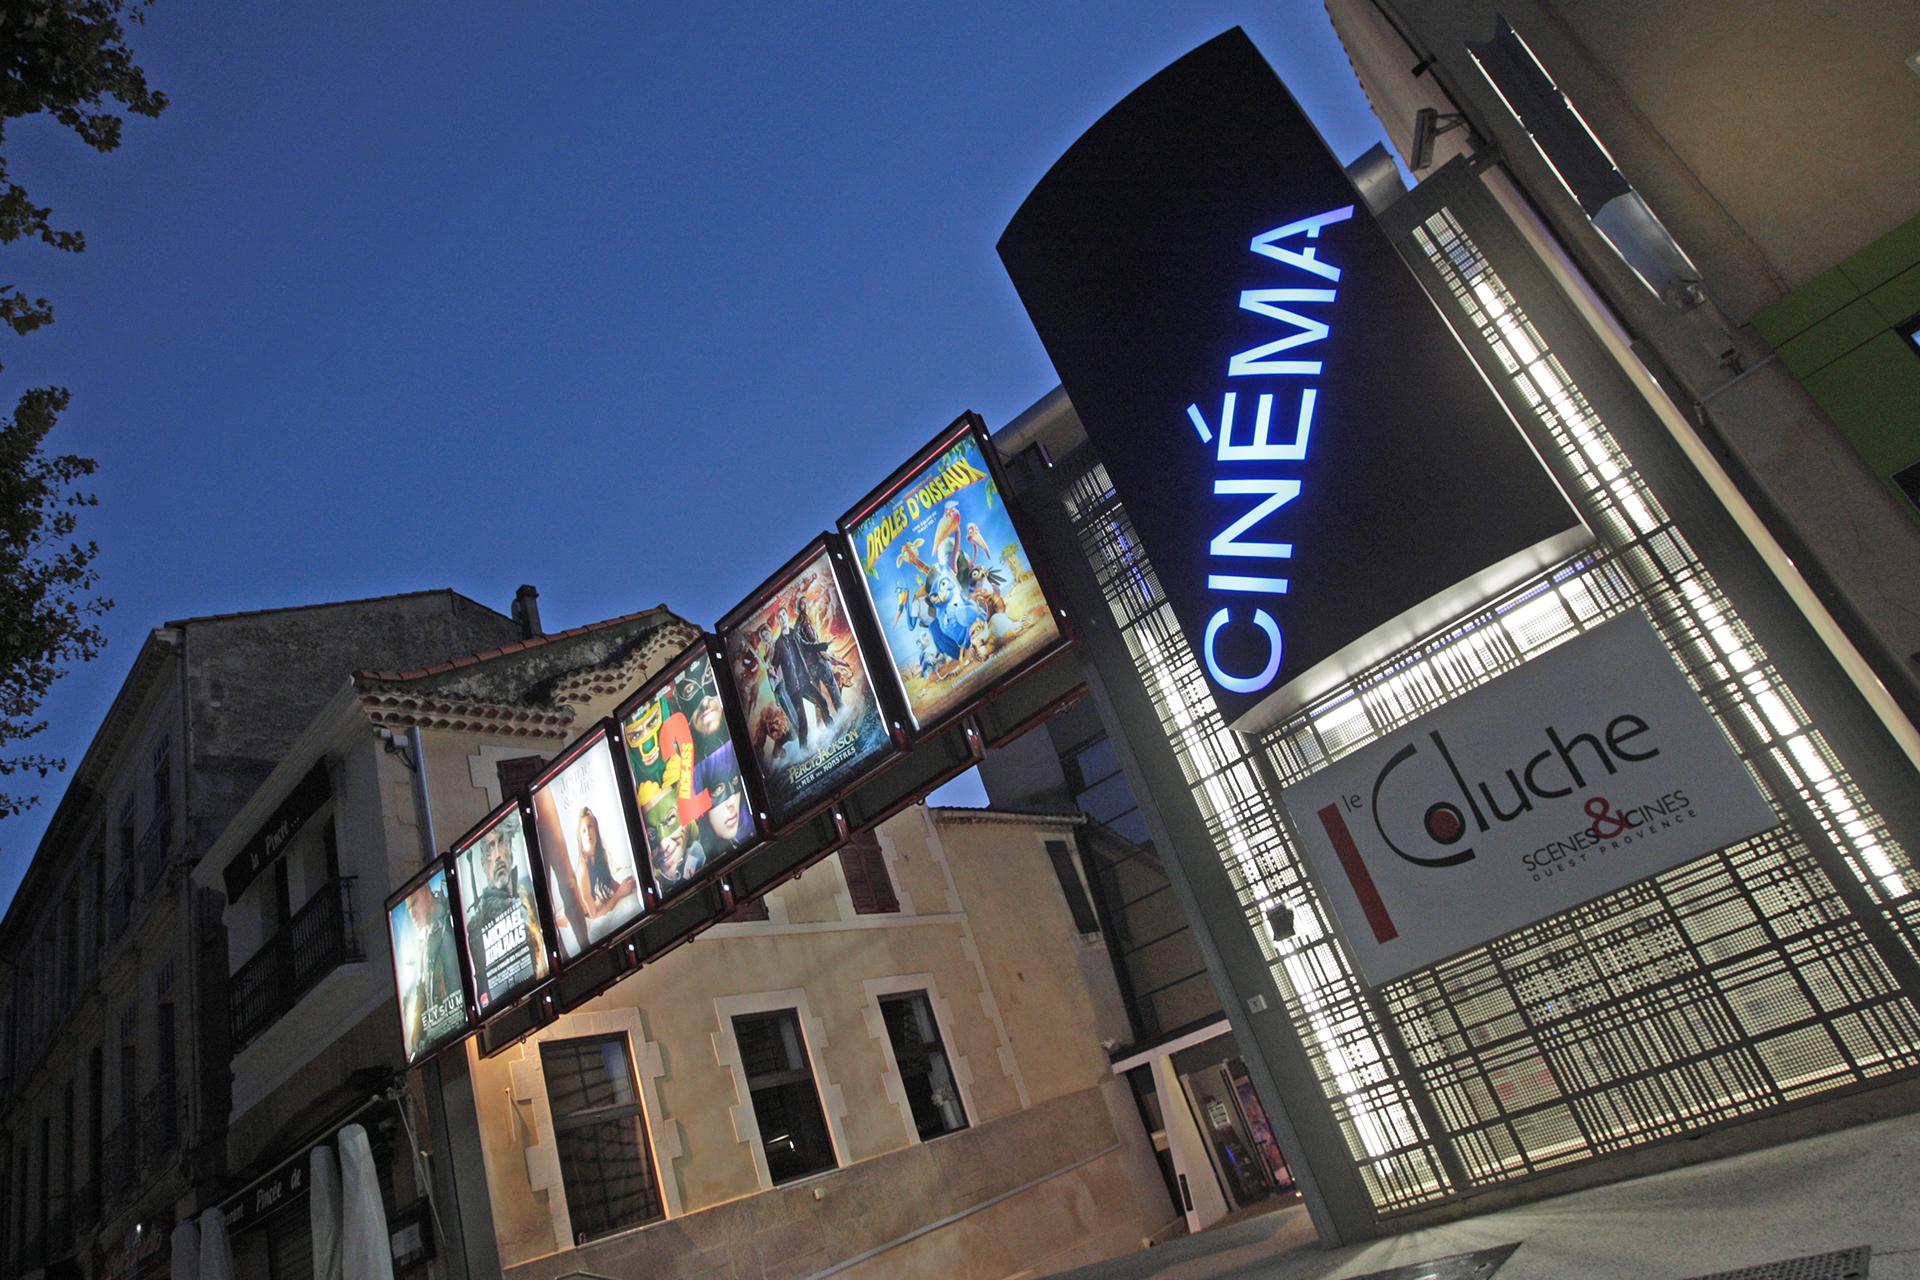 cinema-le-coluche-56877